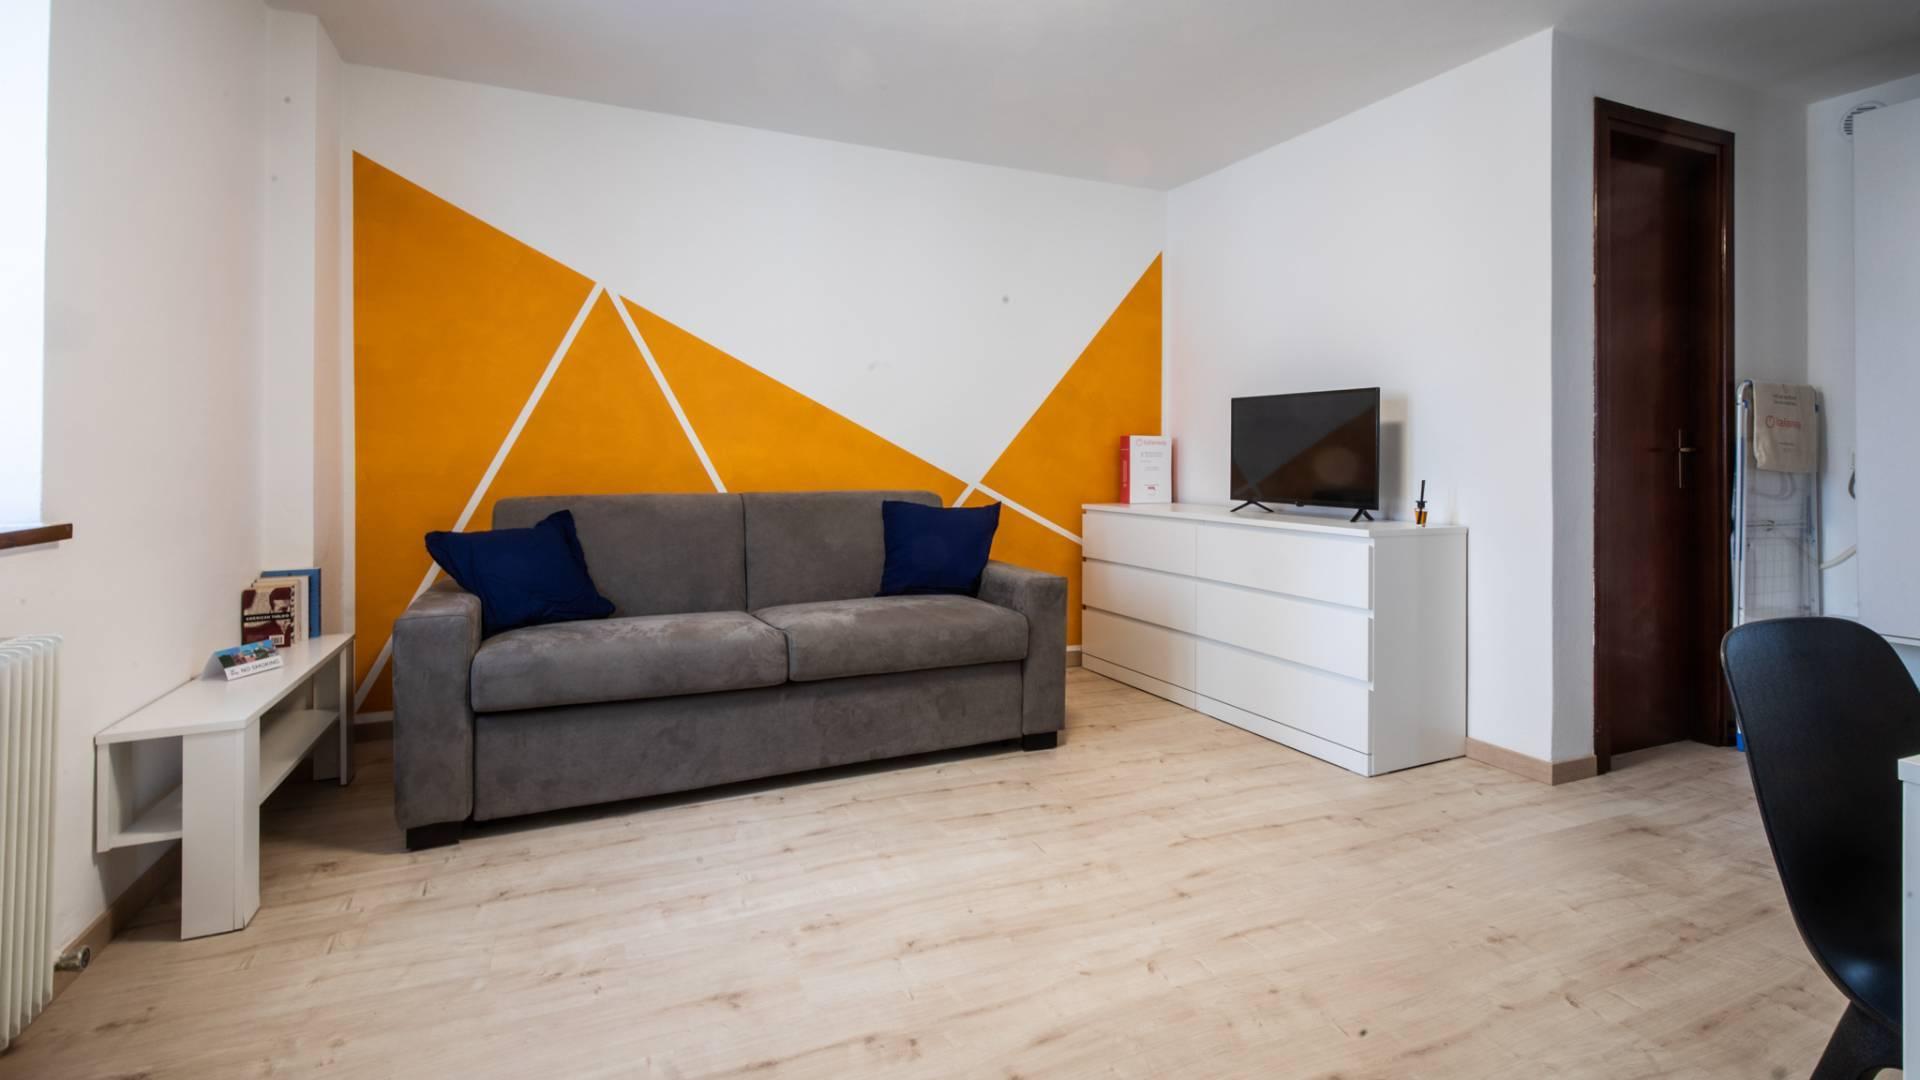 Appartamento in affitto a Udine, 1 locali, zona Località: Centrostorico, Trattative riservate | CambioCasa.it